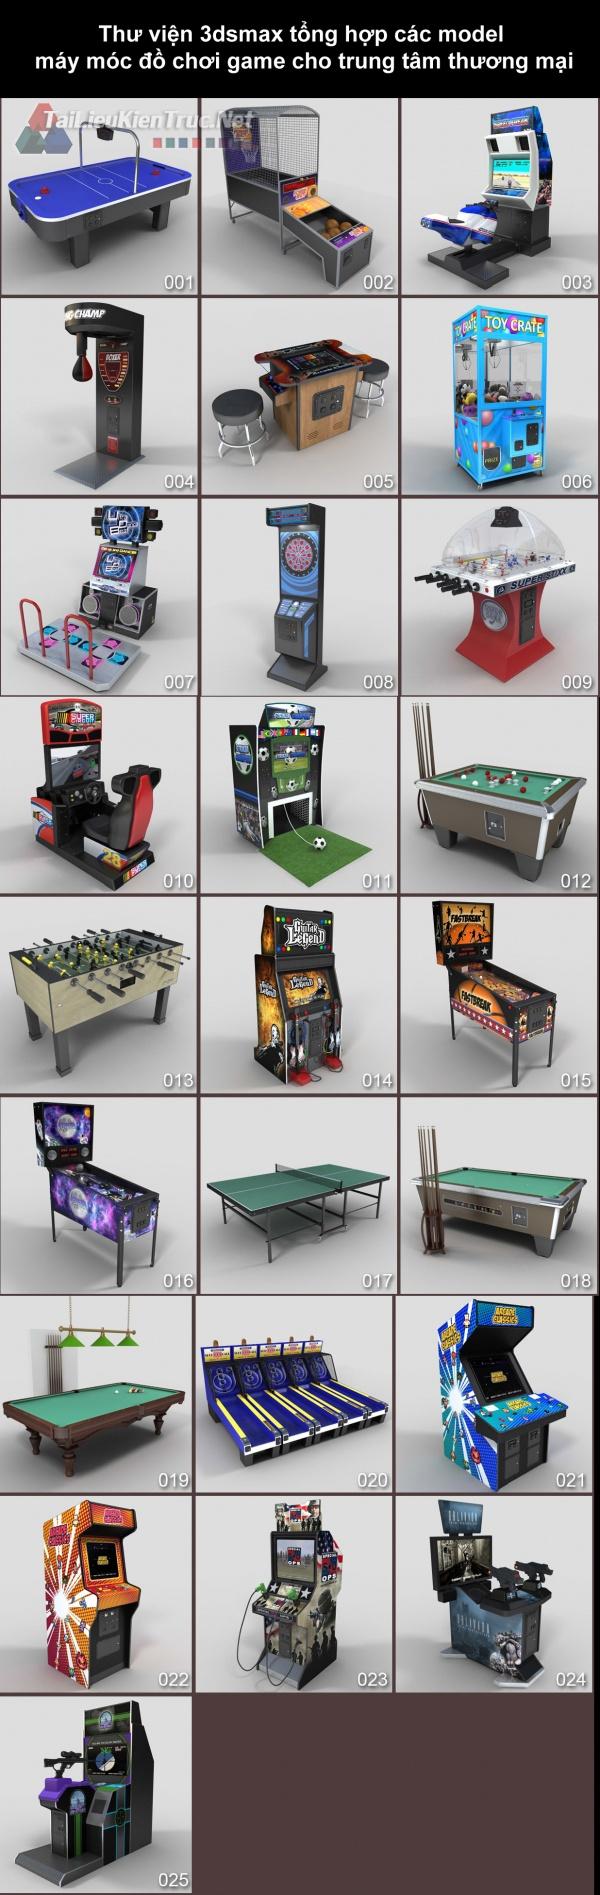 Thư viện 3dsmax tổng hợp các model máy móc đồ chơi game cho trung tâm thương mại